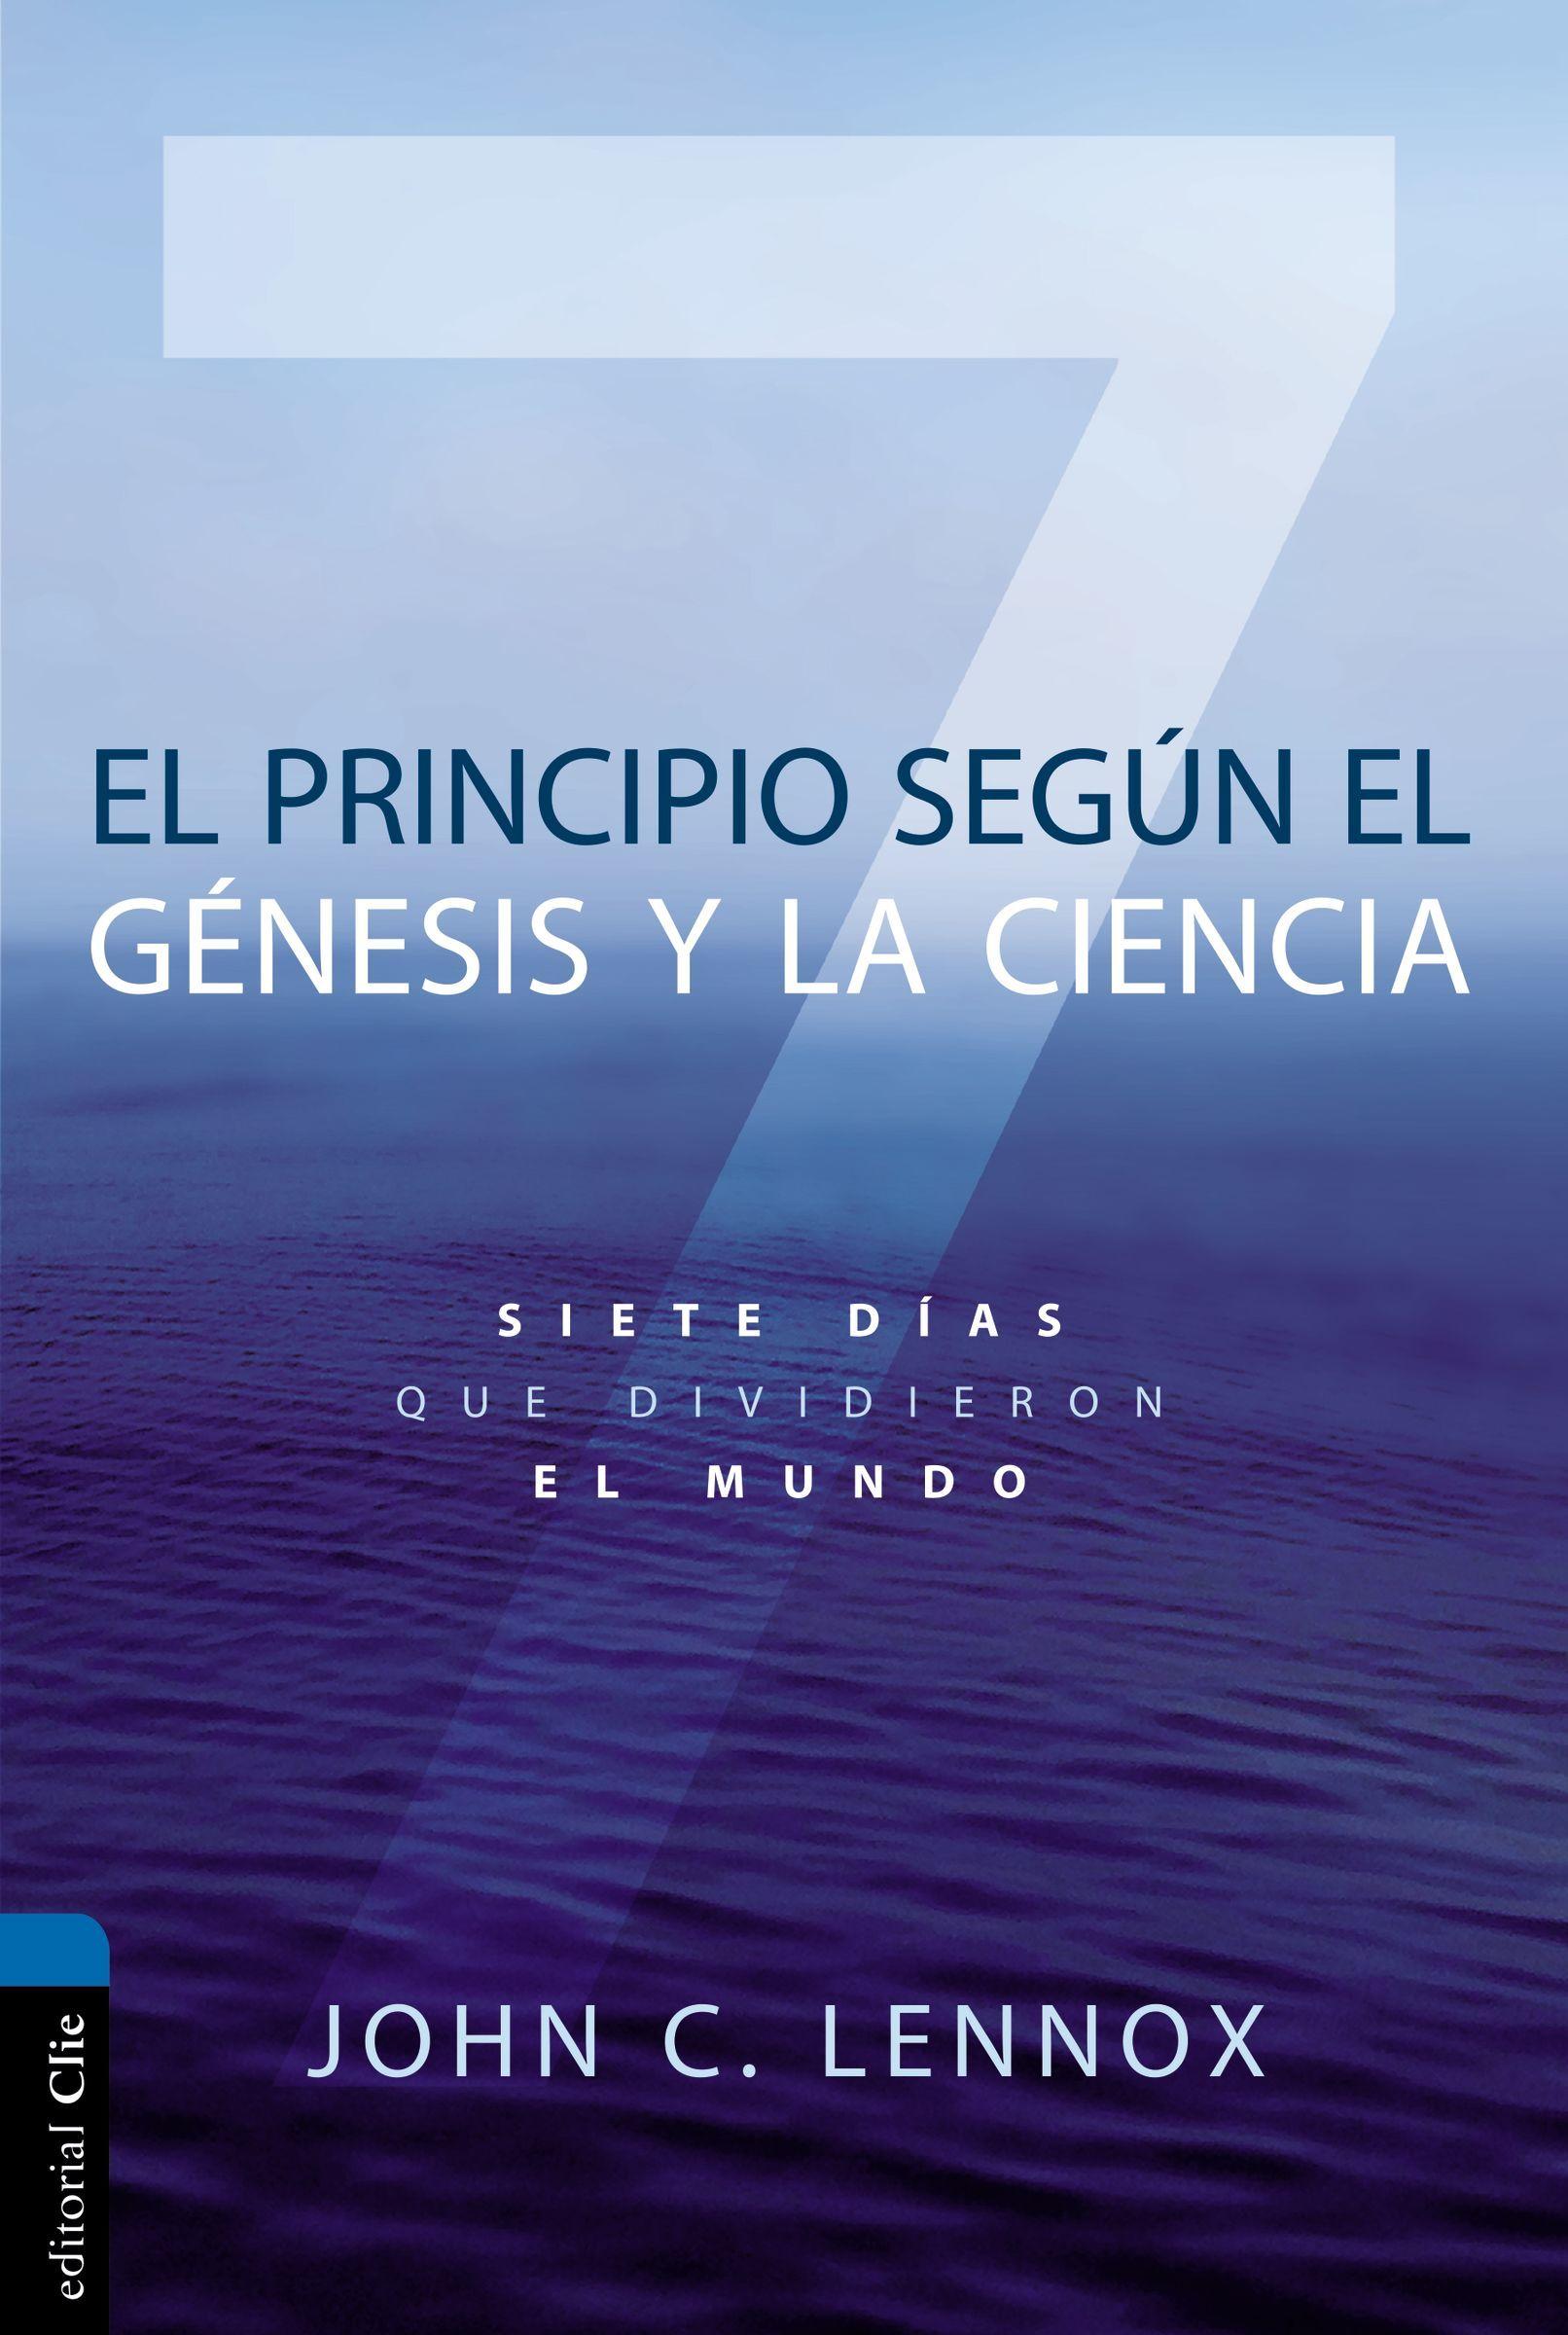 El principio según Génesis y la ciencia: Siete días que dividieron el mundo  by  John C. Lennox